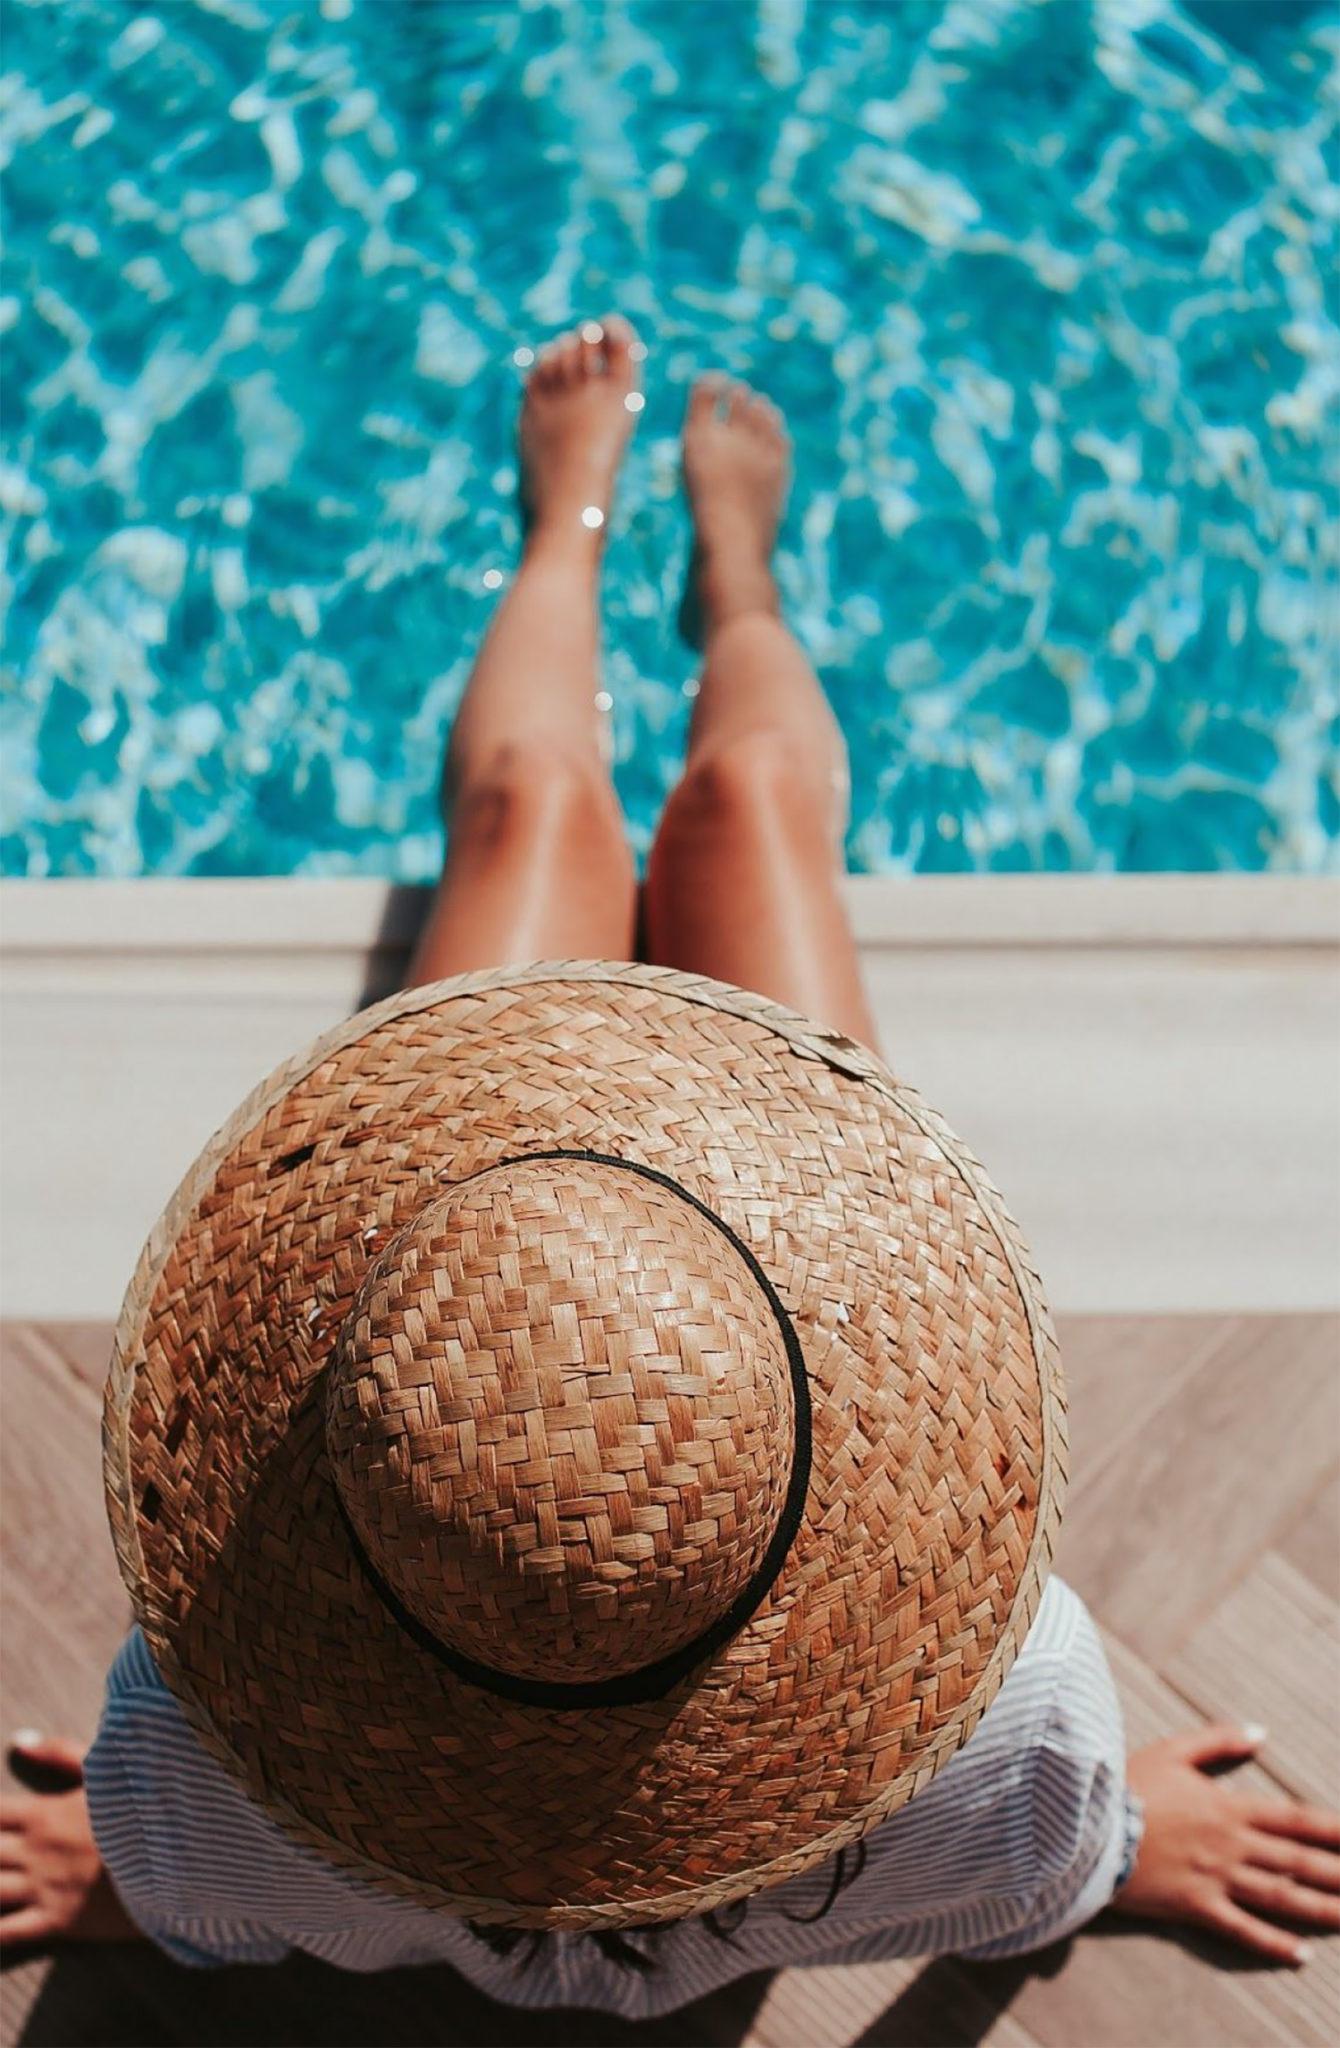 Summer Activities in LBK